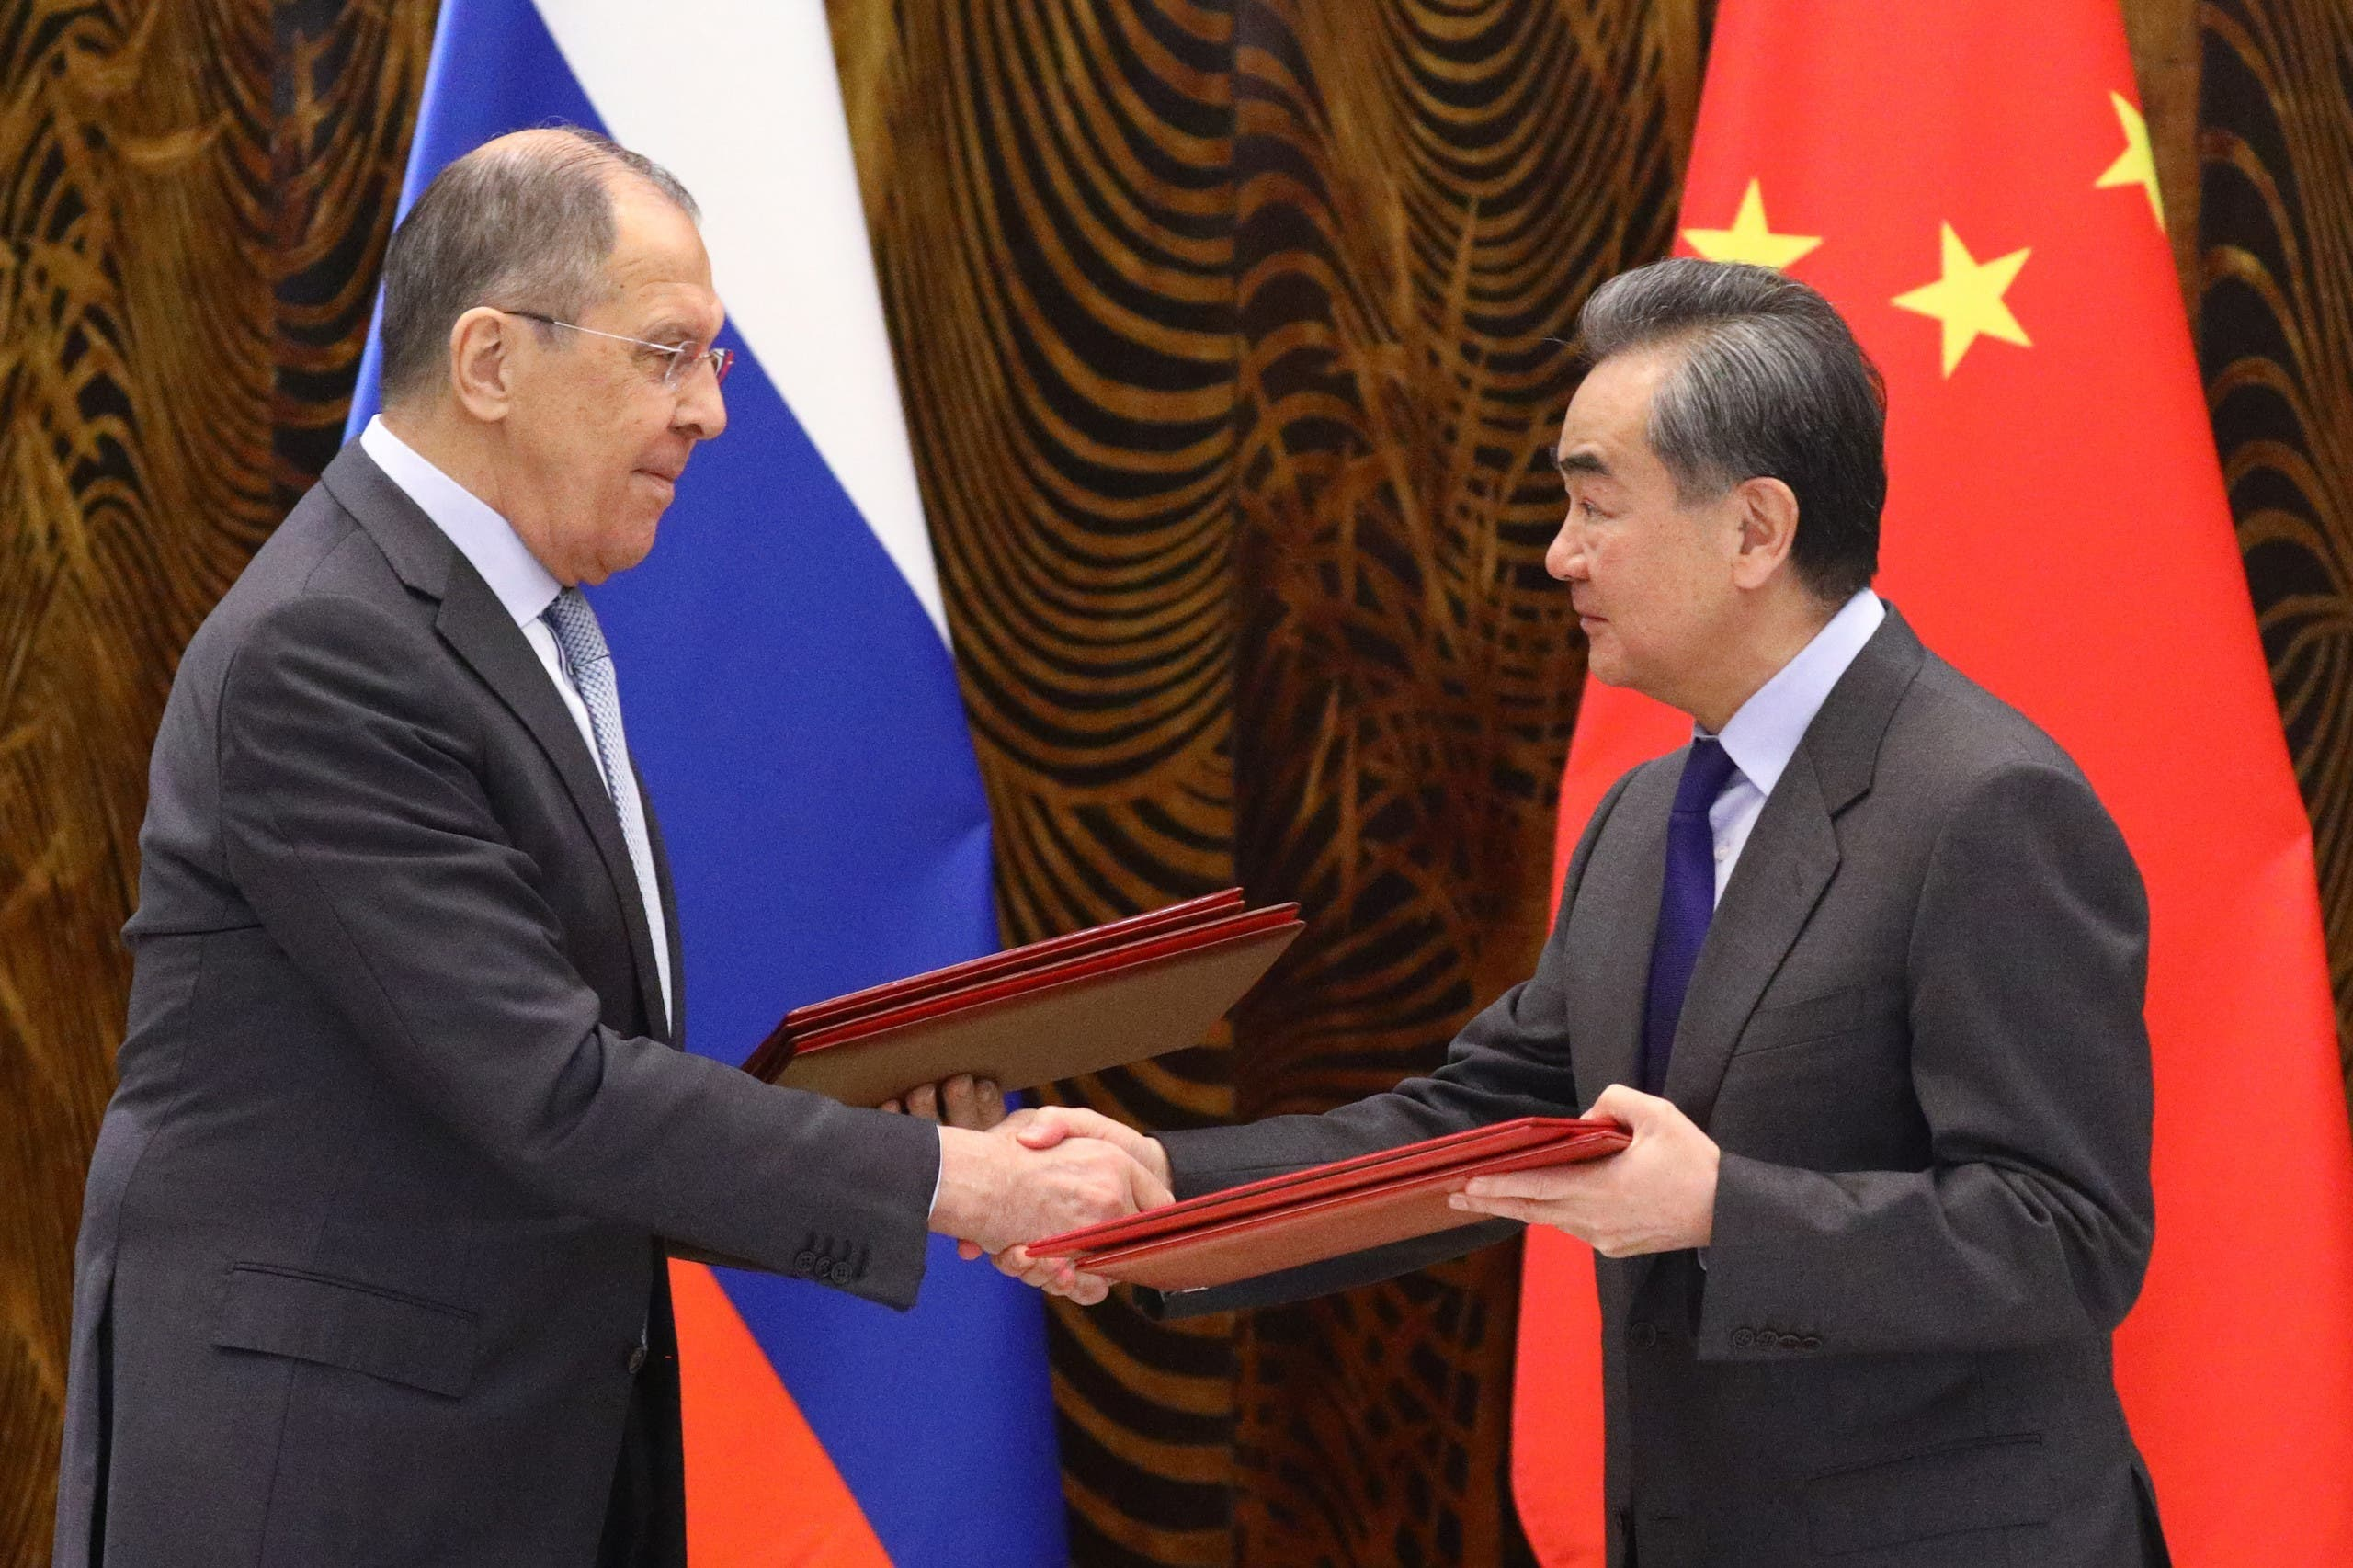 وزرای خارجه چین و روسیه